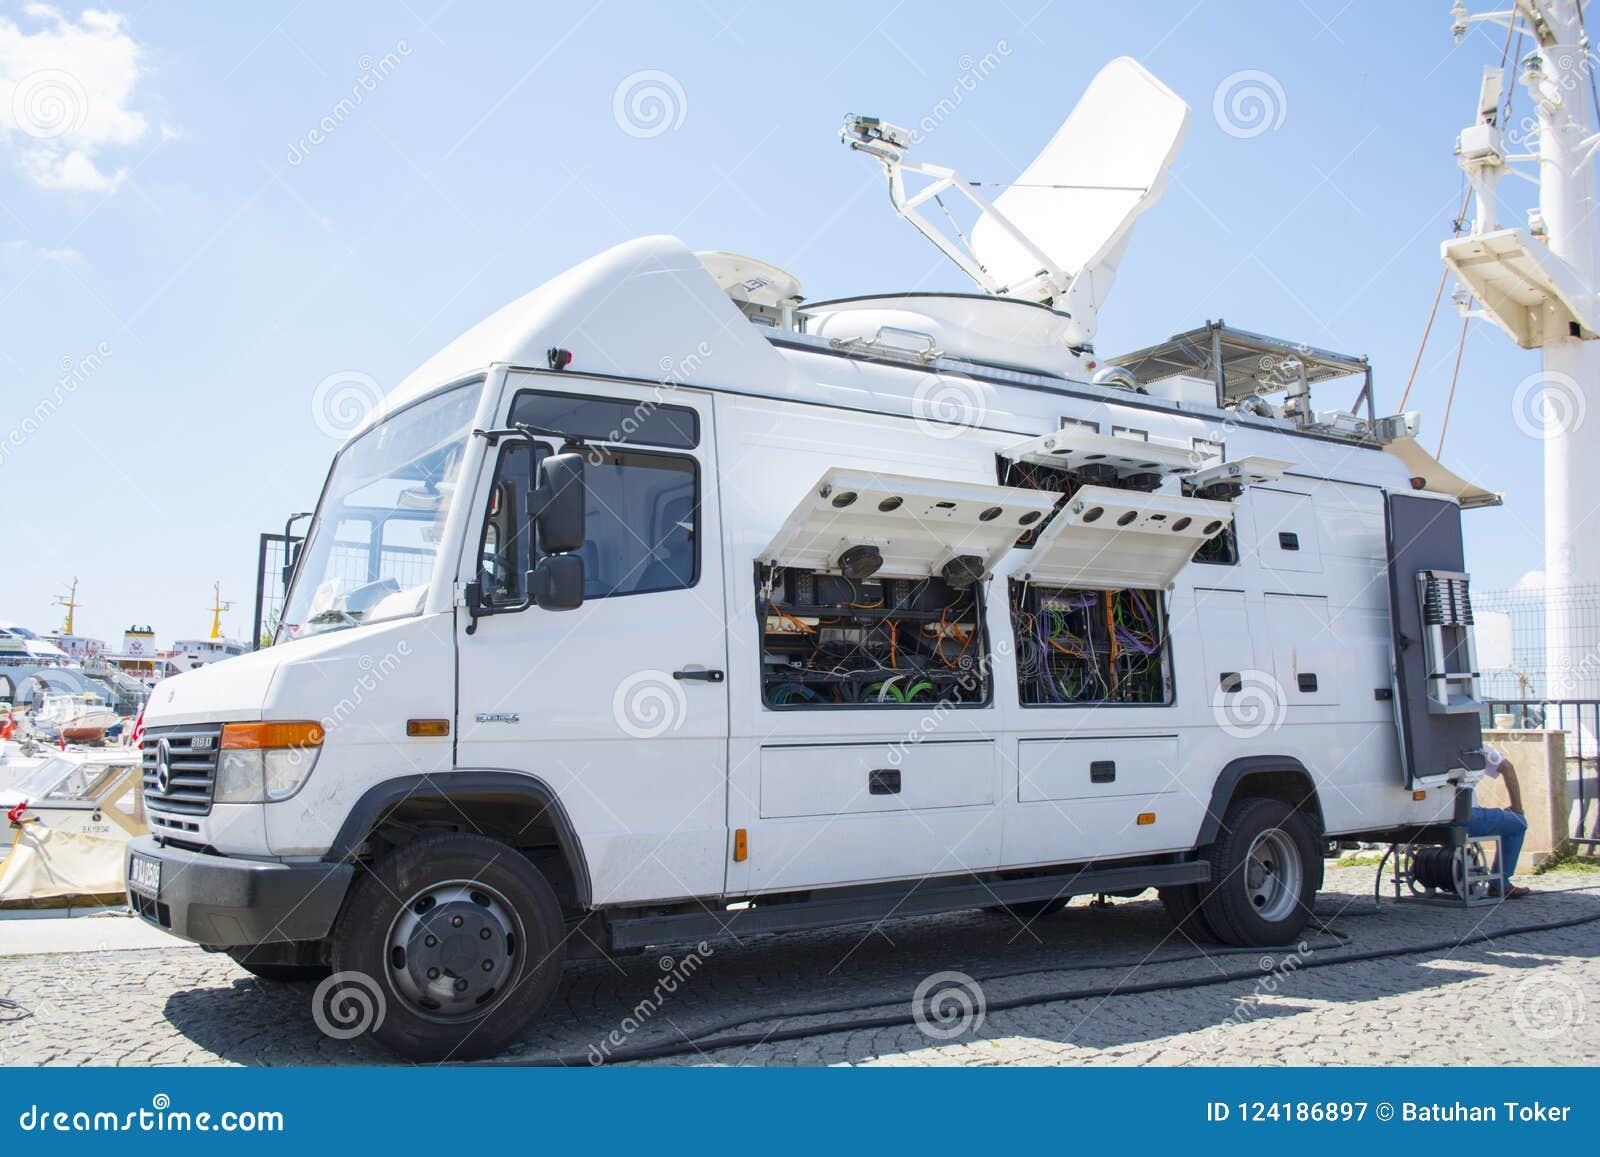 Тележка мировых новостей TRT - сеть телевизионного вещания - новости Van передачи